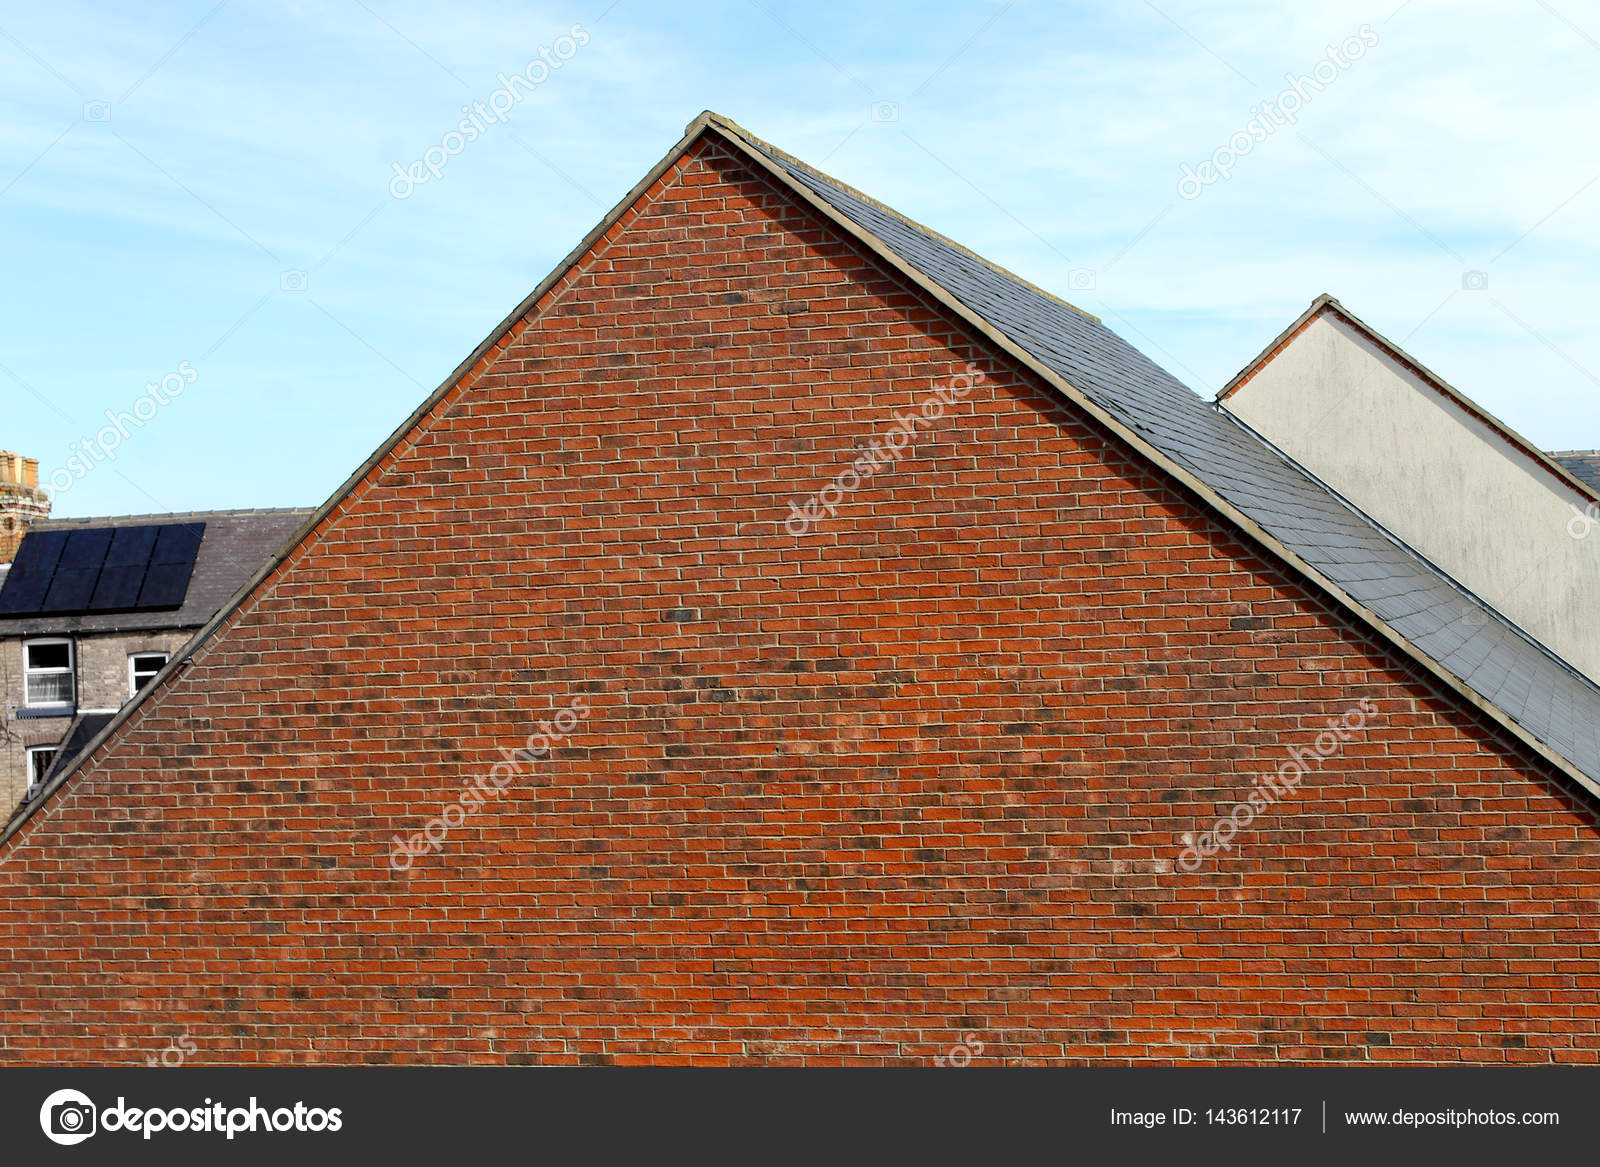 Dächer von modernen Häusern — Stockfoto © speedfighter17 #143612117